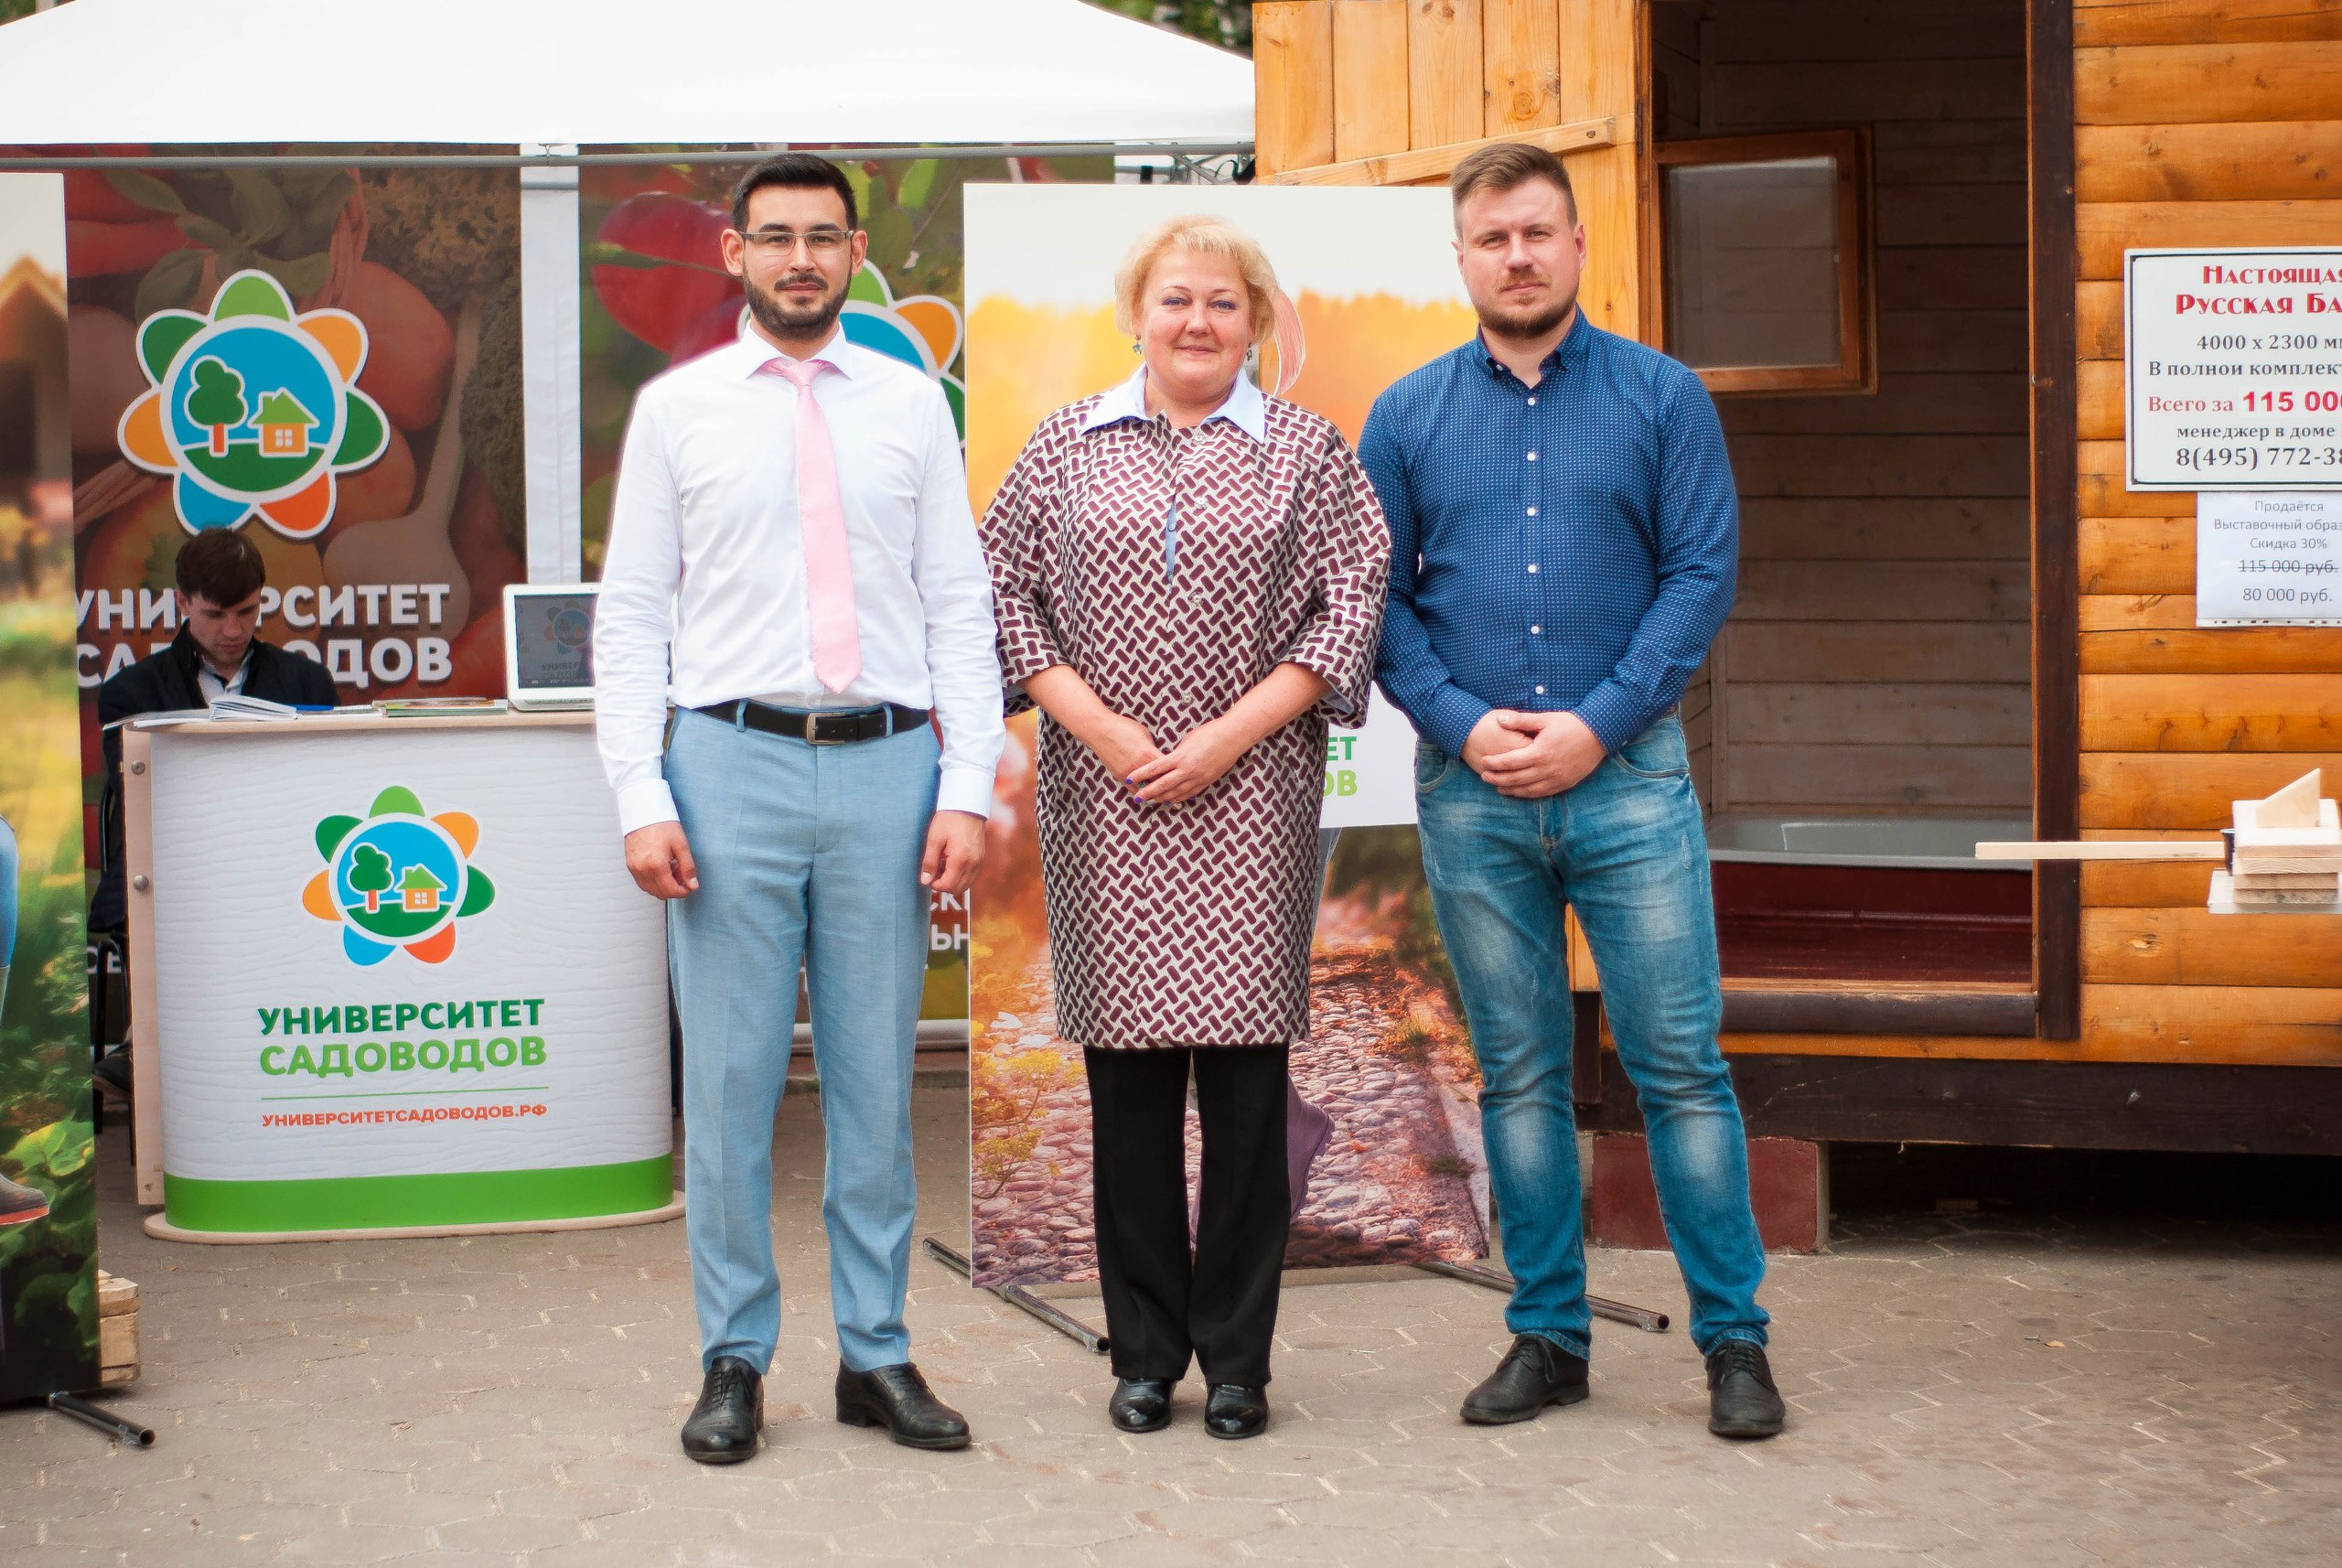 Университет Садоводов на экологическом фестивале в Домодедово установил образец мобильной бани